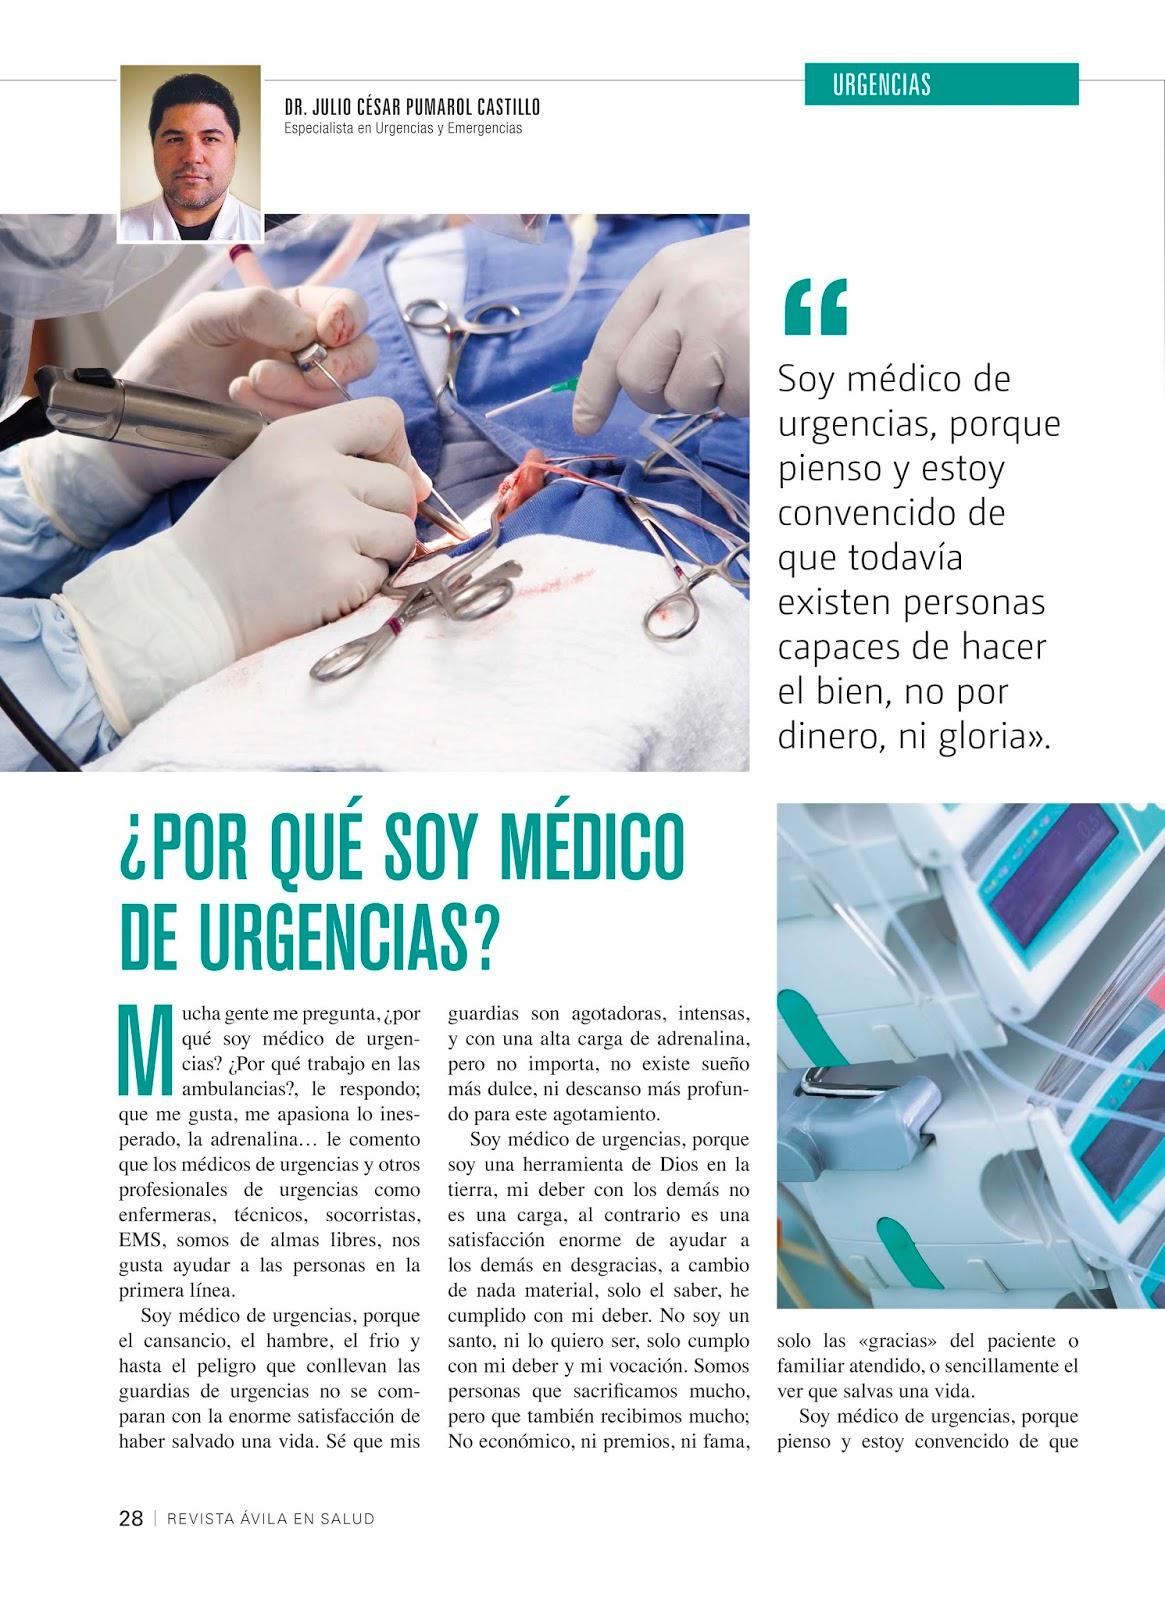 SABES POR QUÉ SOY MÉDICO DE URGENCIAS?   Revista Ávila en Salud